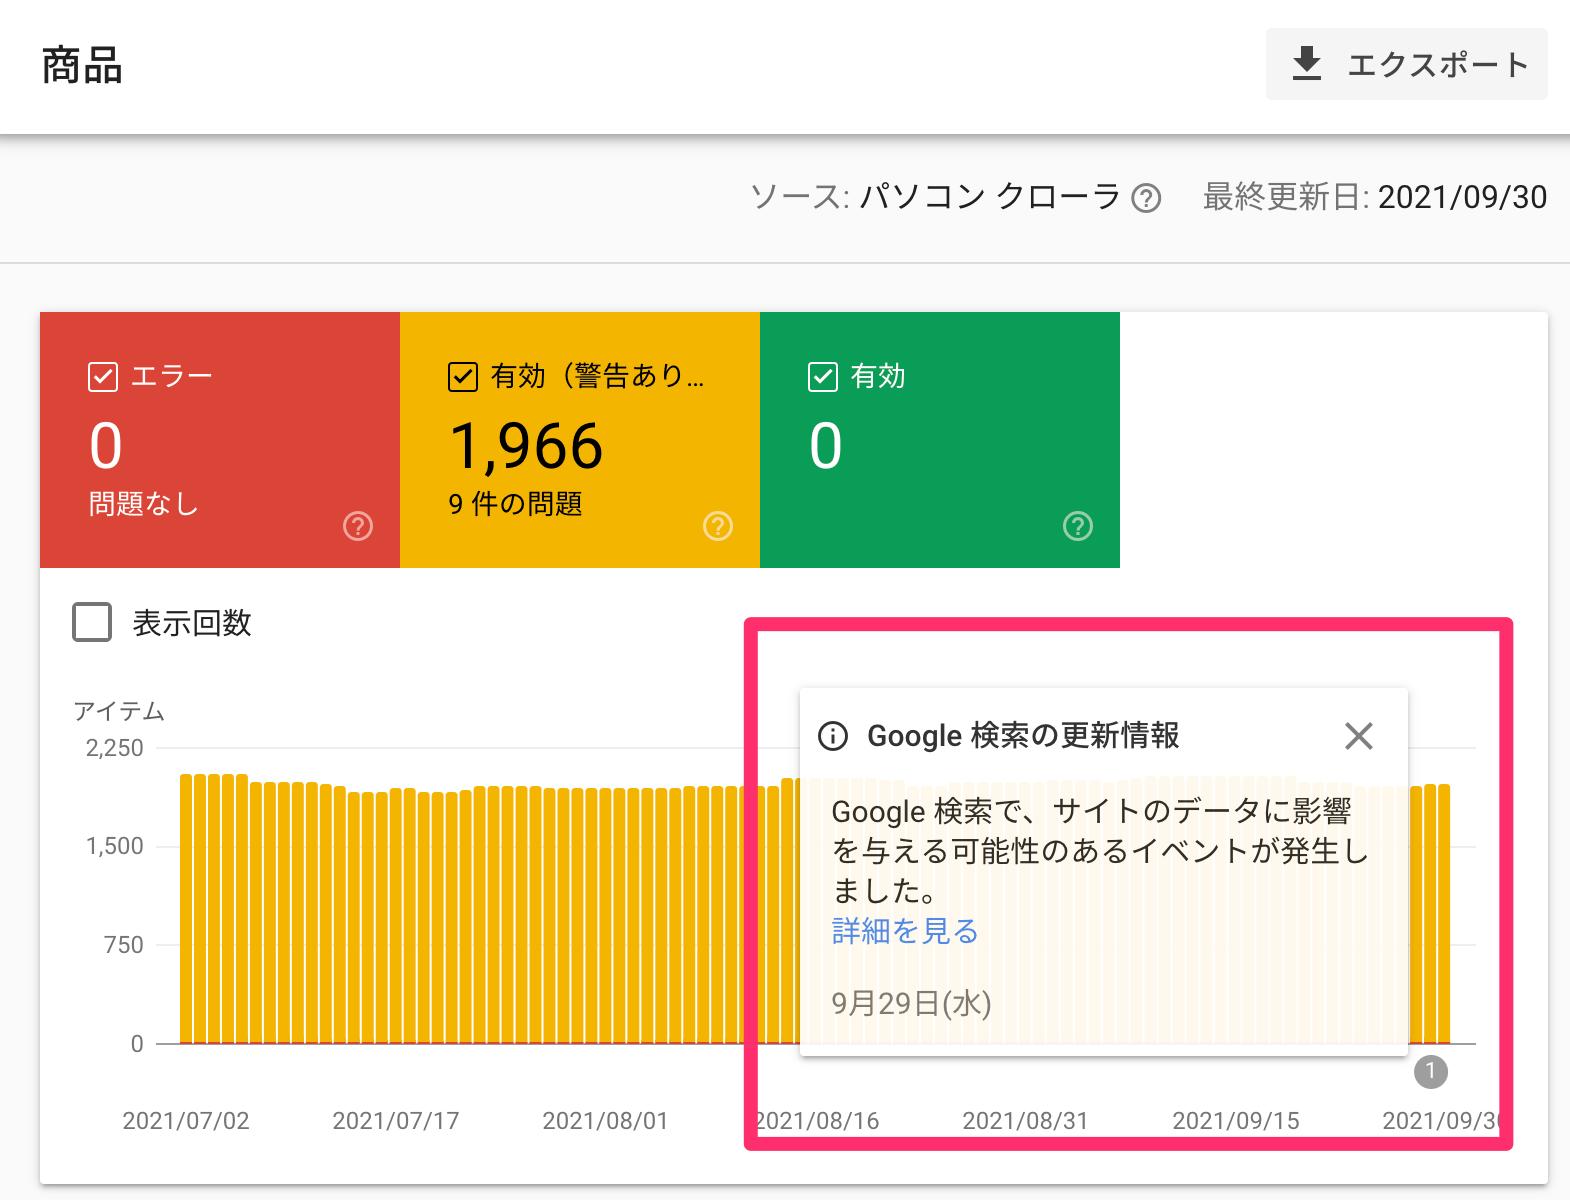 Google 検索で、サイトのデータに影響を与える可能性のあるイベントが発生しました